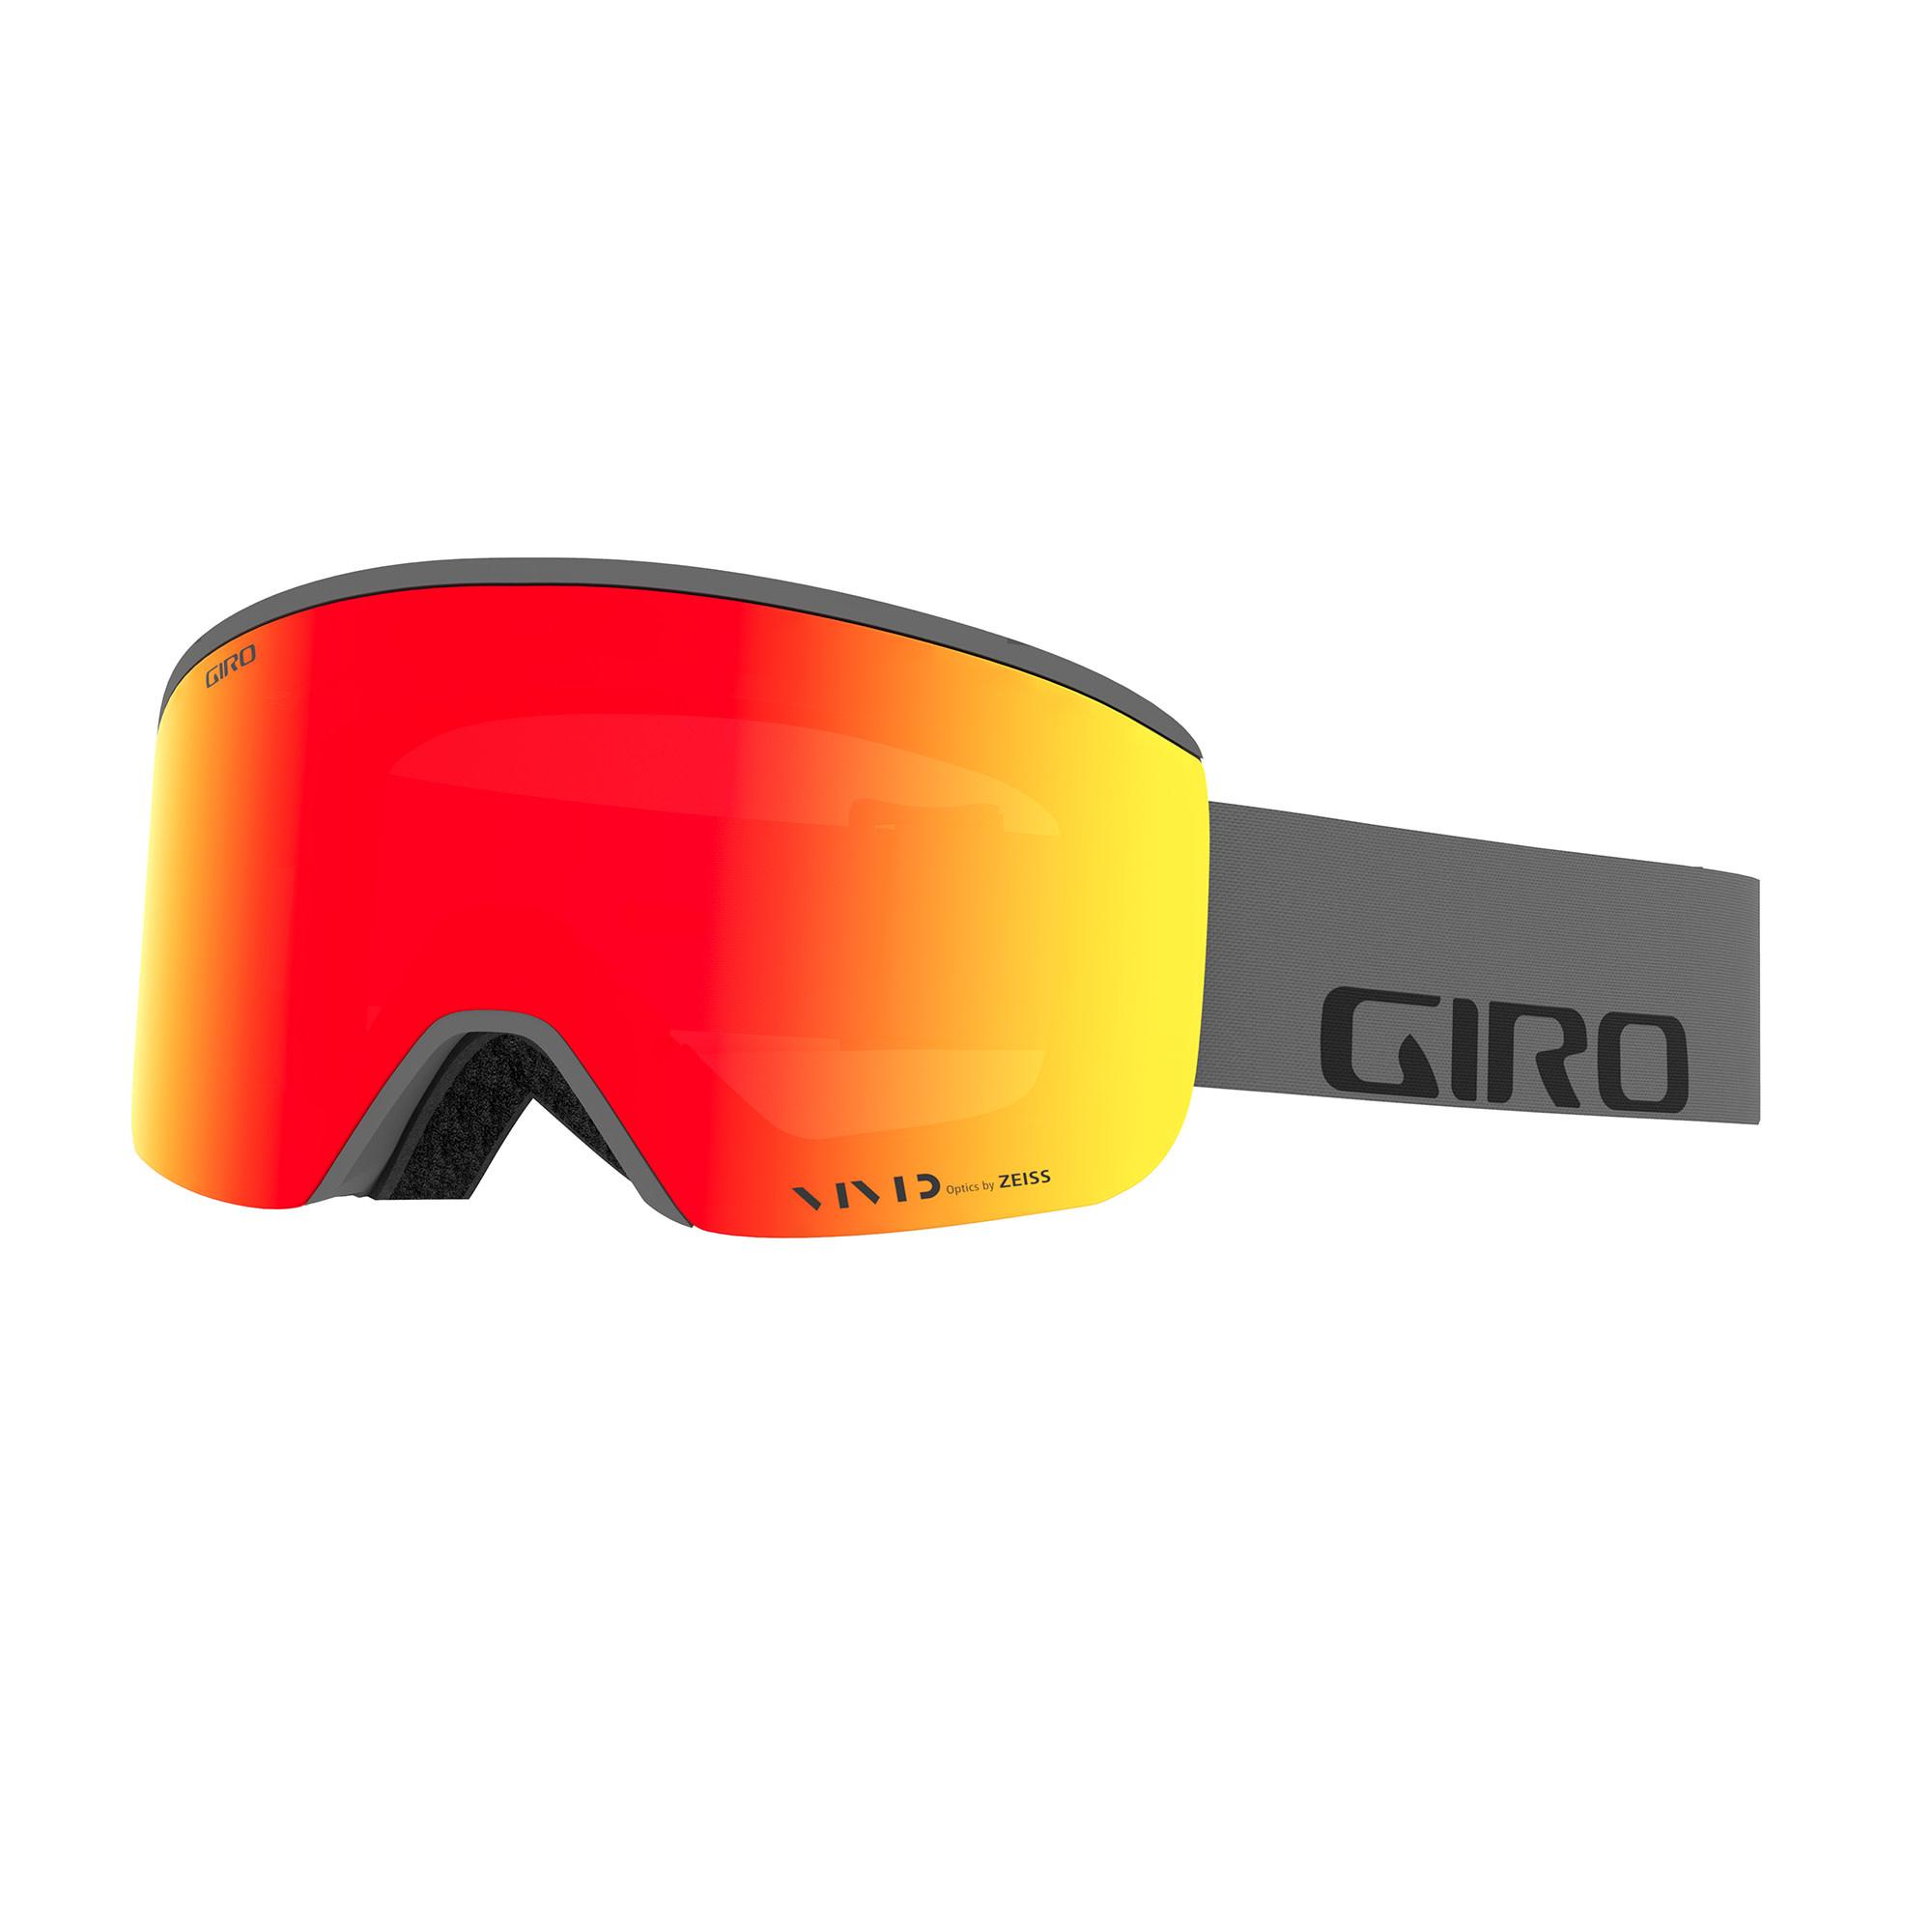 Giro Axis-7